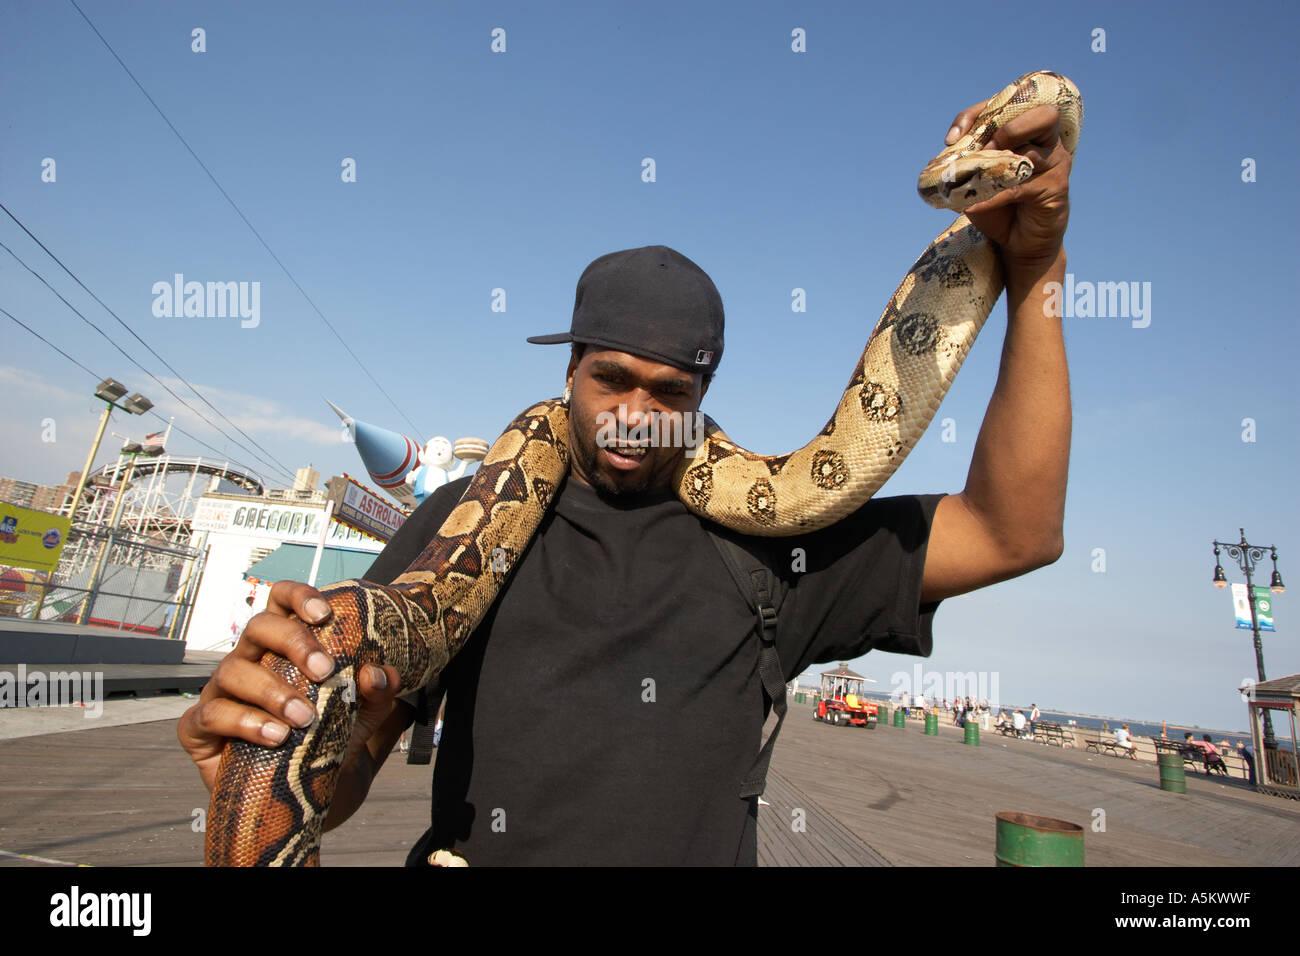 Mann mit Haustier Python auf der Promenade in Coney Island Stockfoto